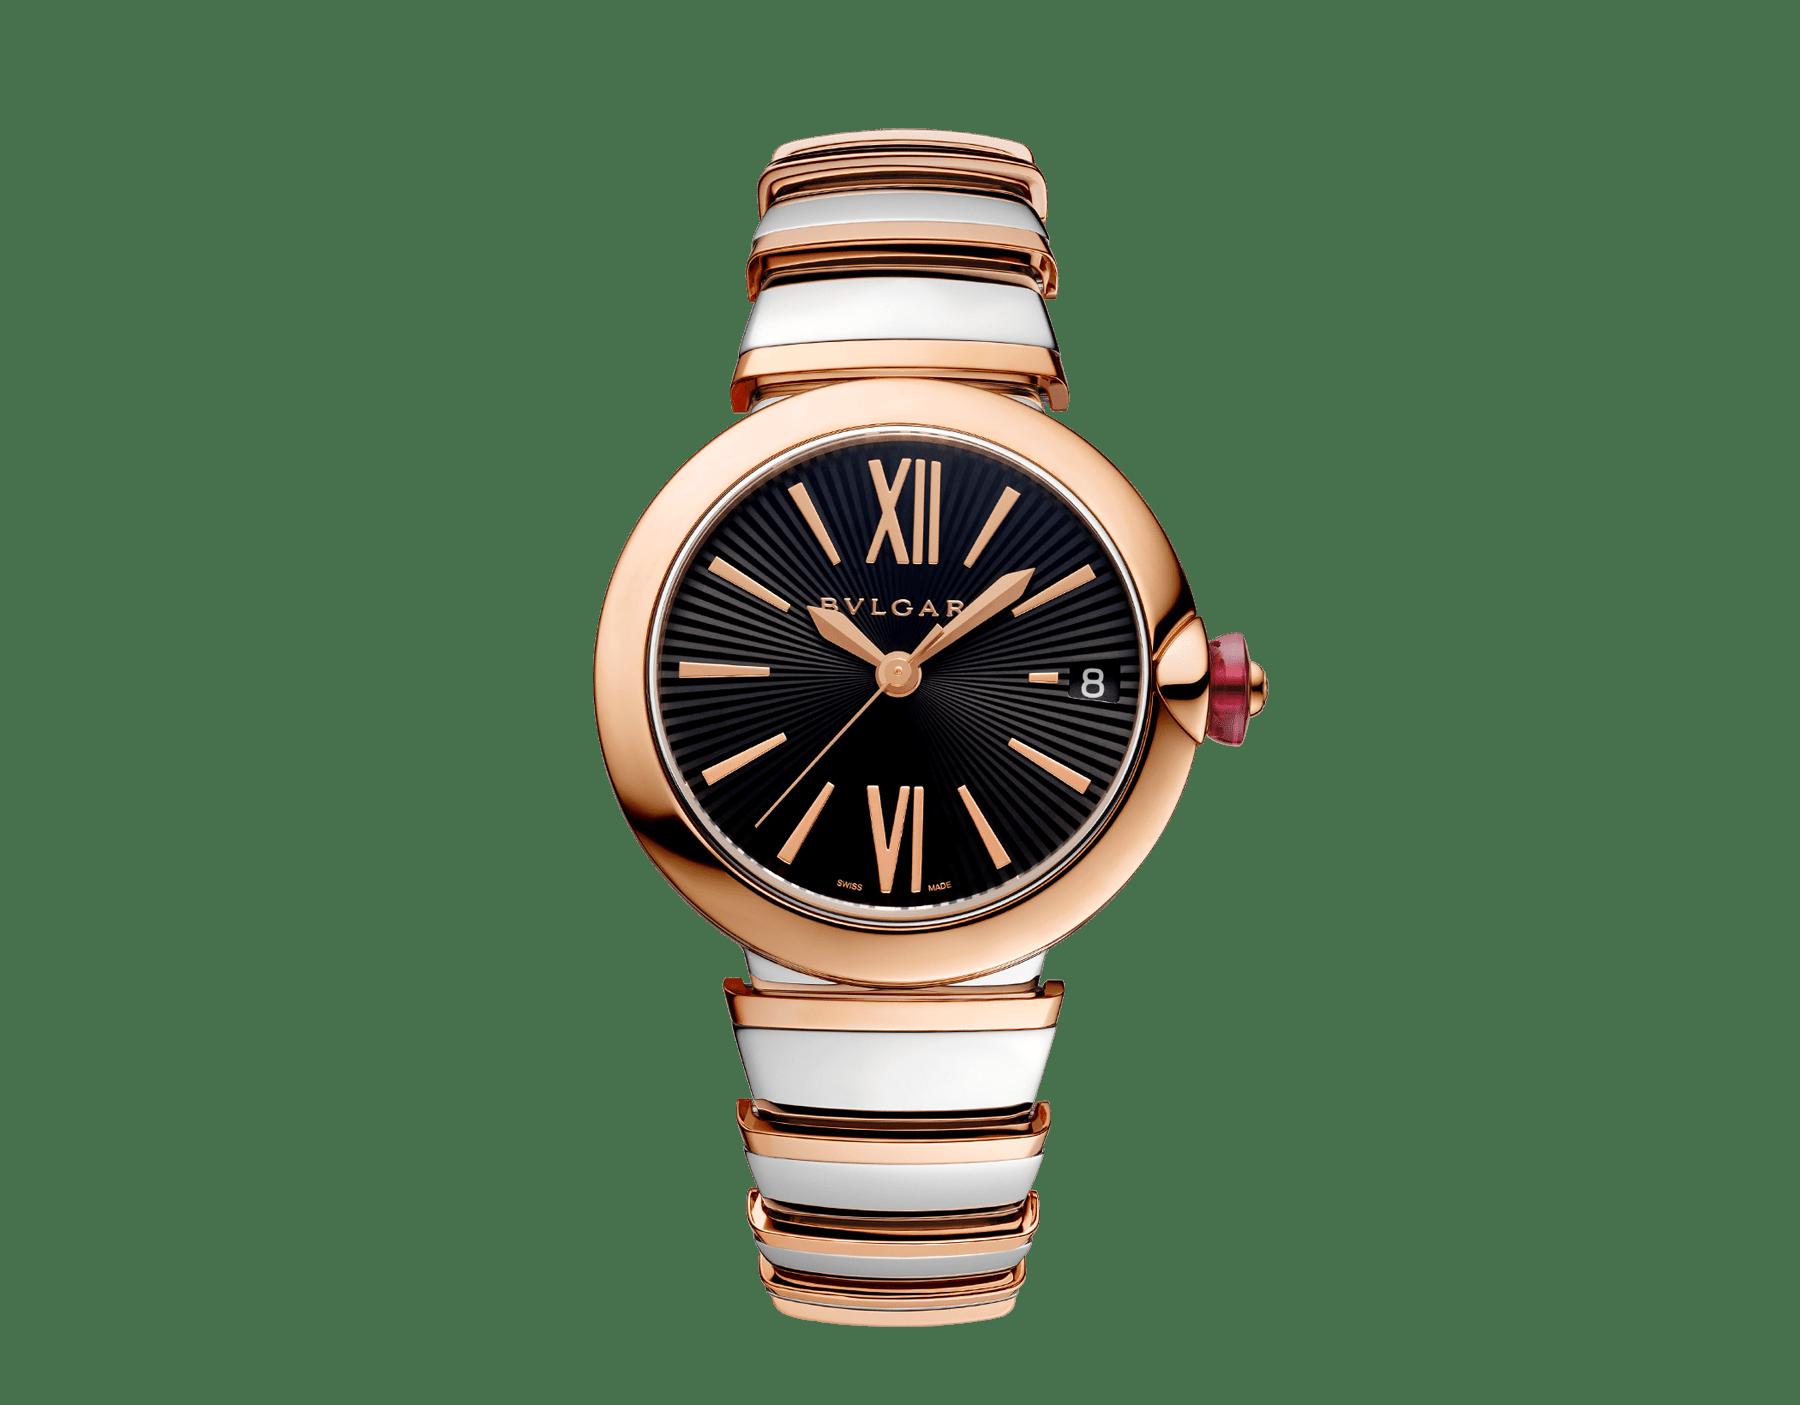 LVCEA 腕錶,18K 玫瑰金和精鋼錶殼及錶帶,黑色蛋白石錶盤。 102192 image 1